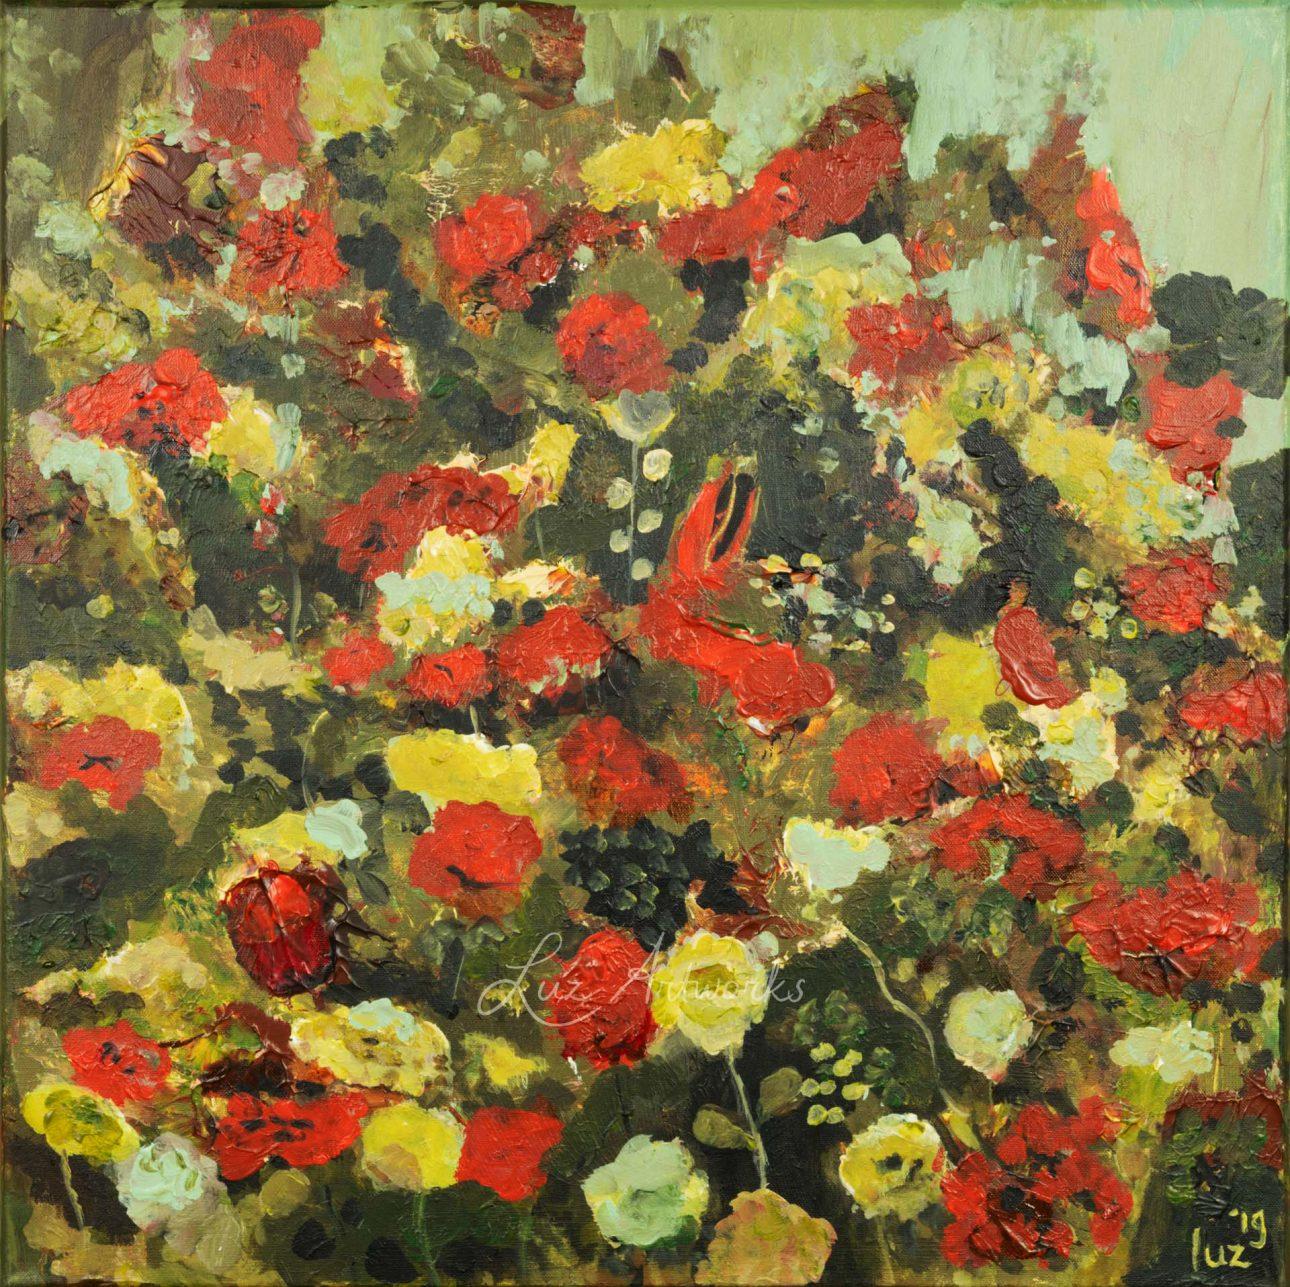 Schilderij Rose Garden door Marloes Bloedjes